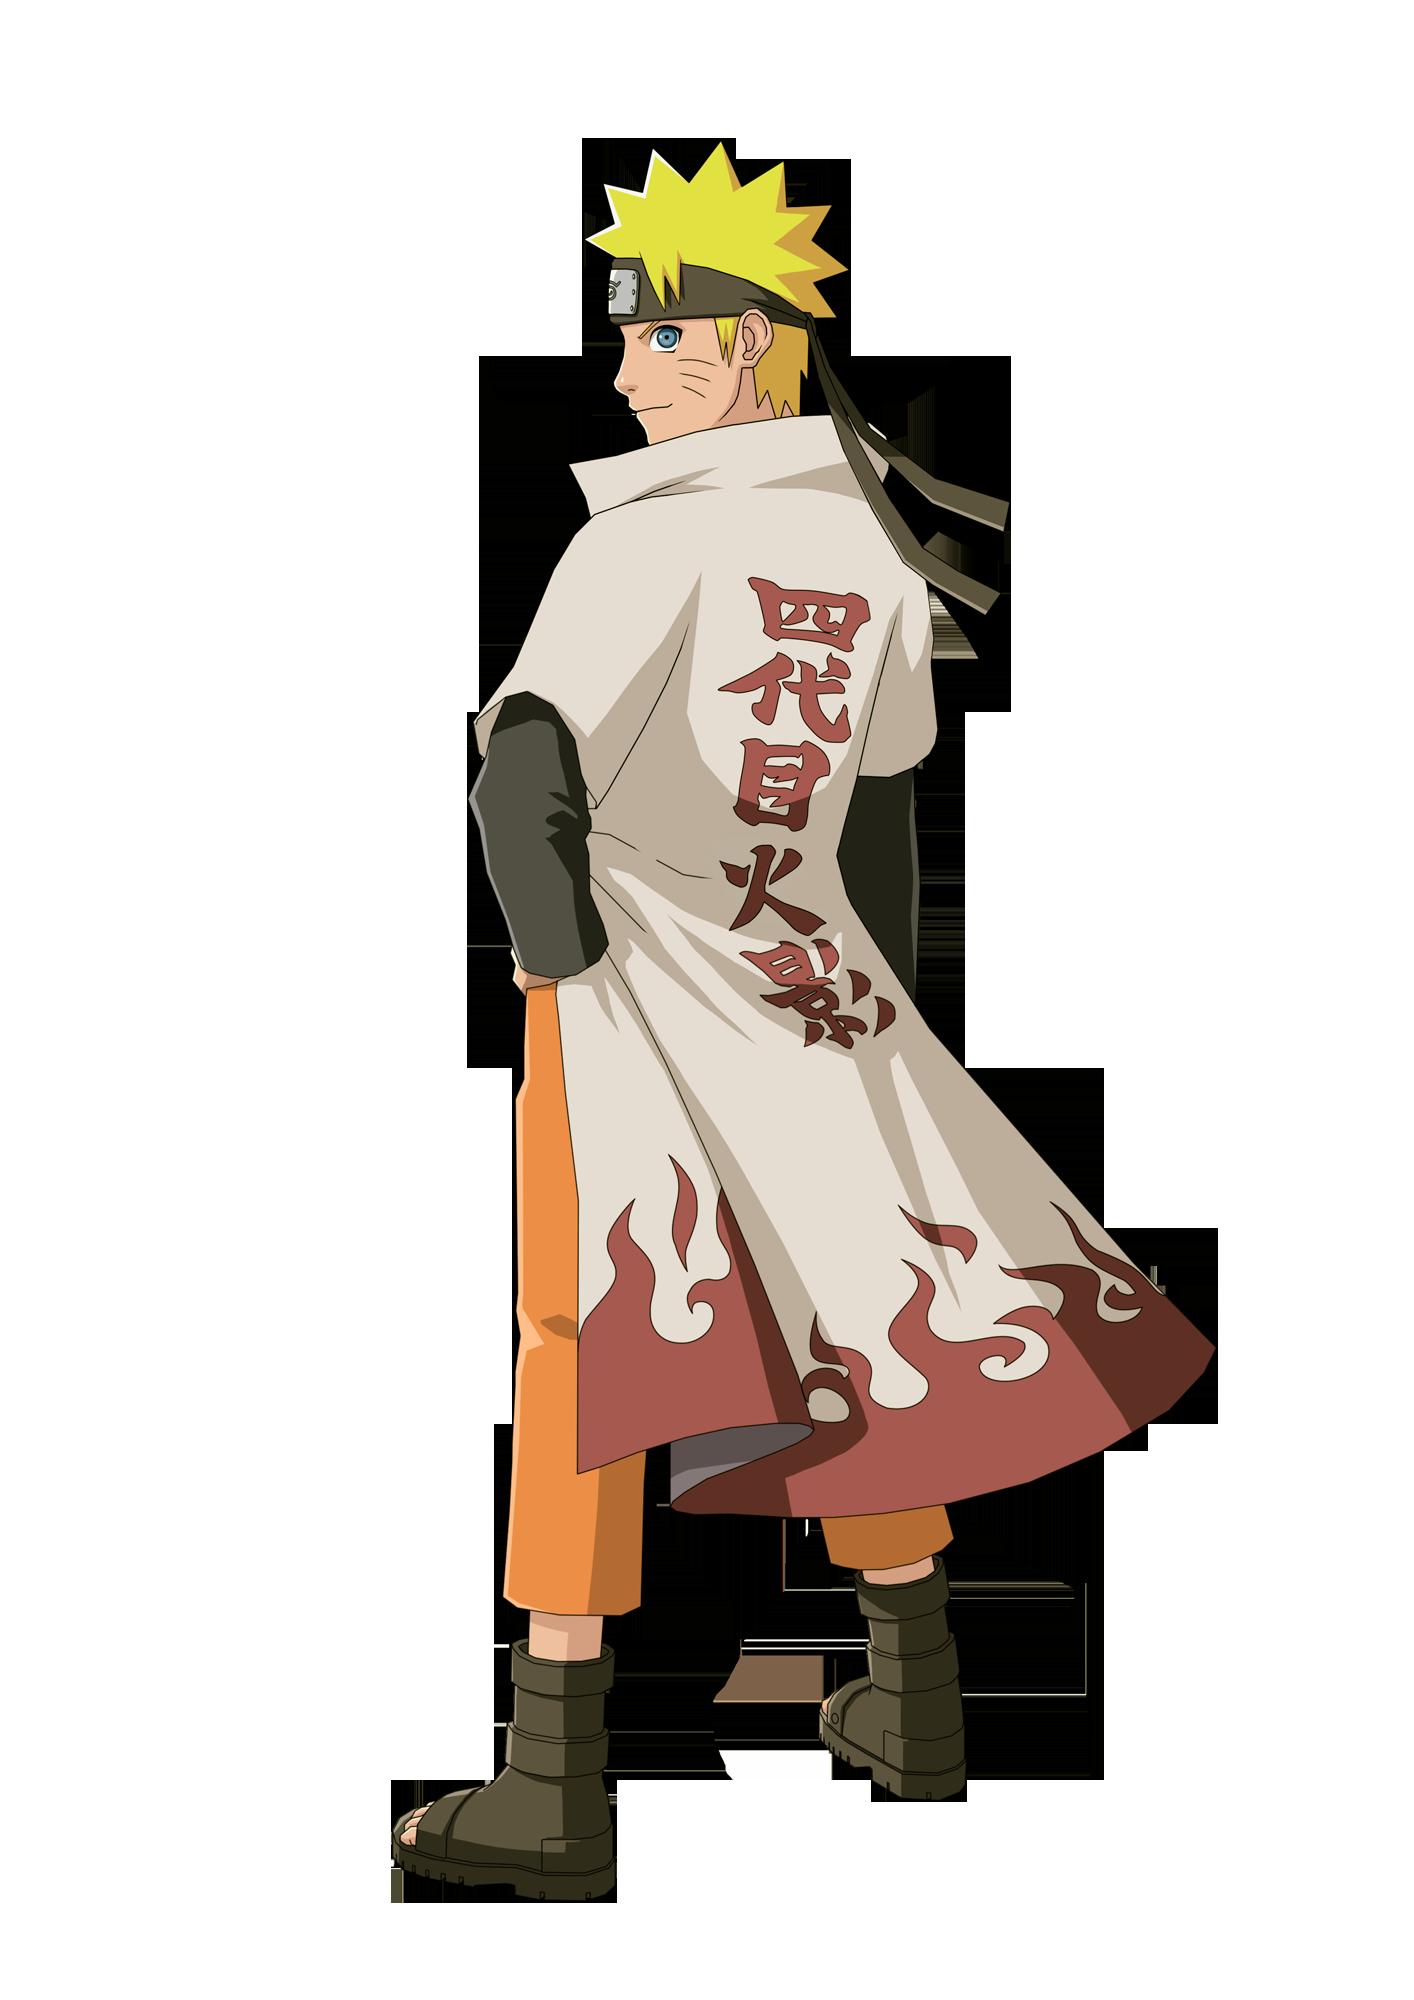 Naruto Shippuden: Ultimate Ninja Storm 3 - Naruto Shippuden: Ultimate Ninja Storm 3 Арт, Персонаж